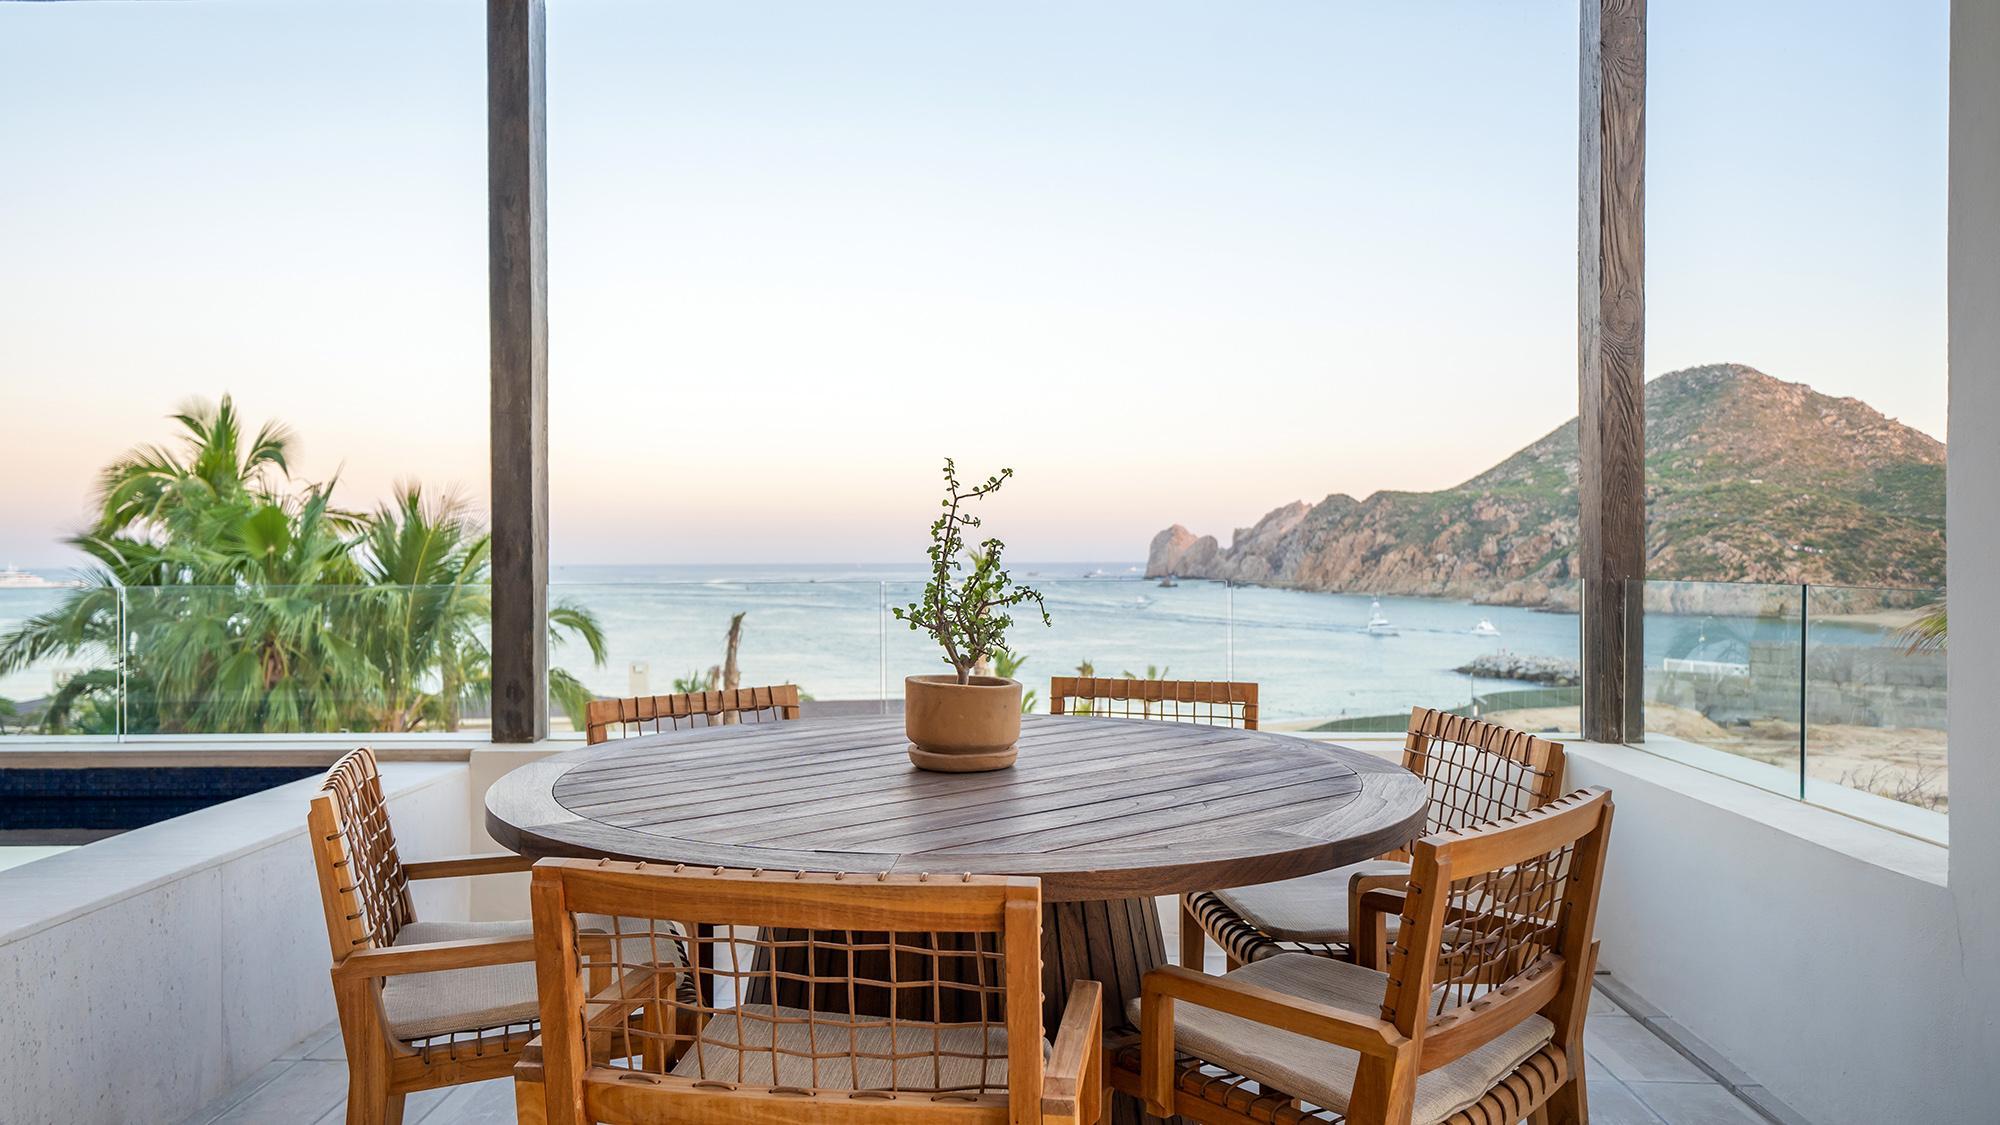 Three Bedroom Plus Den Ocean View Home Terrace